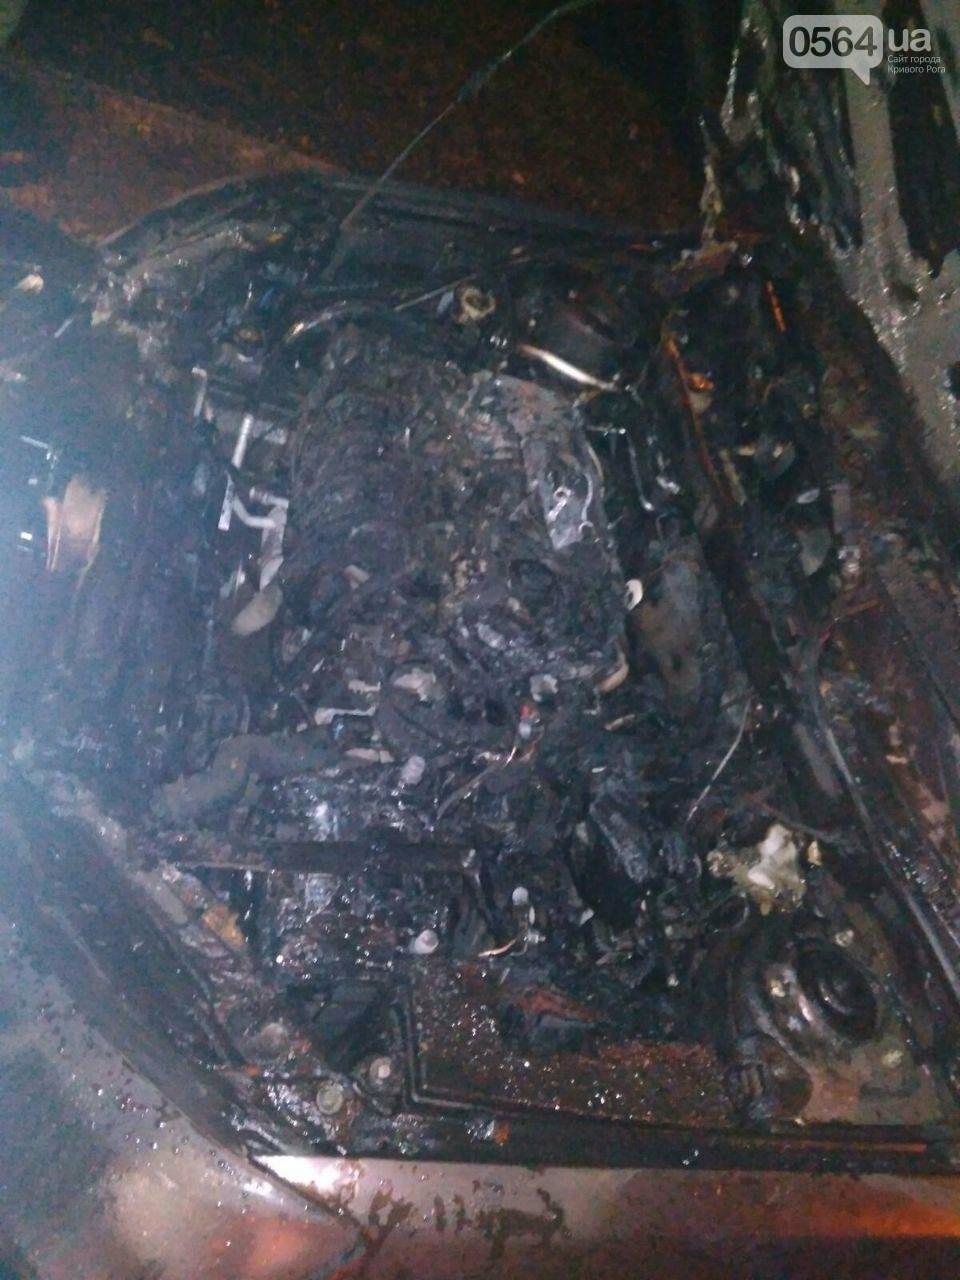 В Кривом Роге сгорел автомобиль, припаркованный возле дома, - ФОТО , фото-2